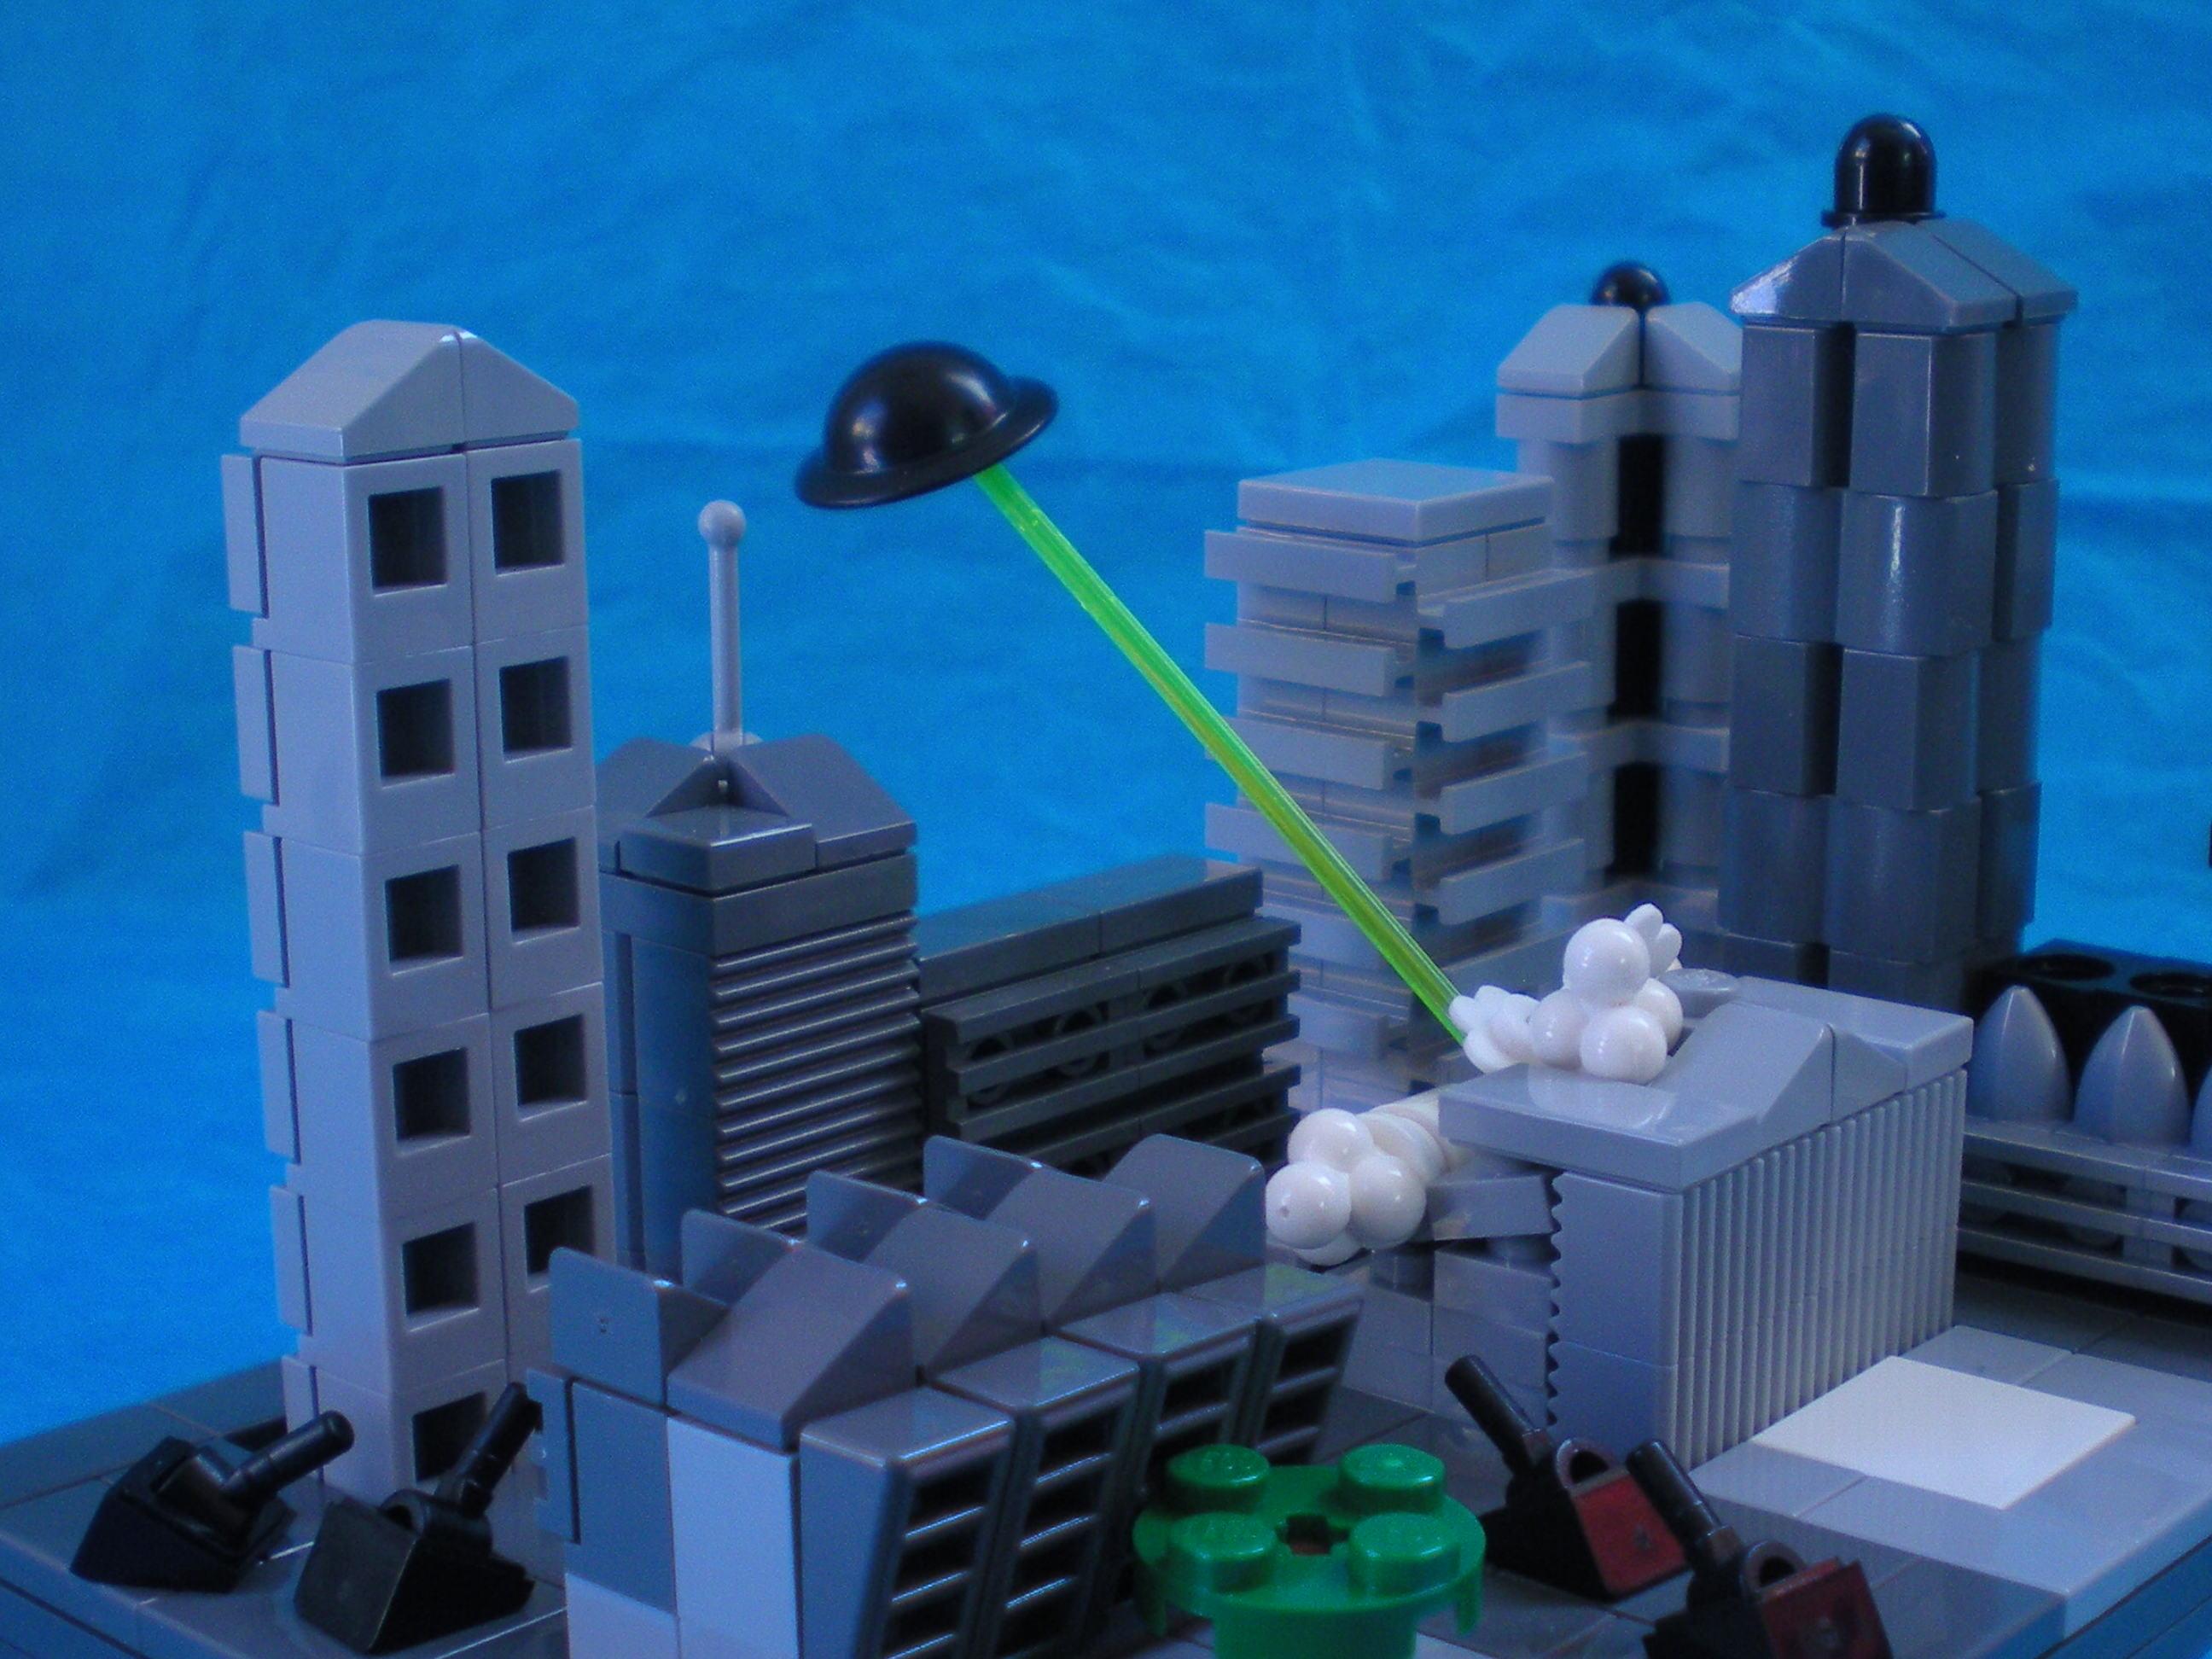 Hintergrundbilder : Stadt, Gebäude, Krieg, Rauch